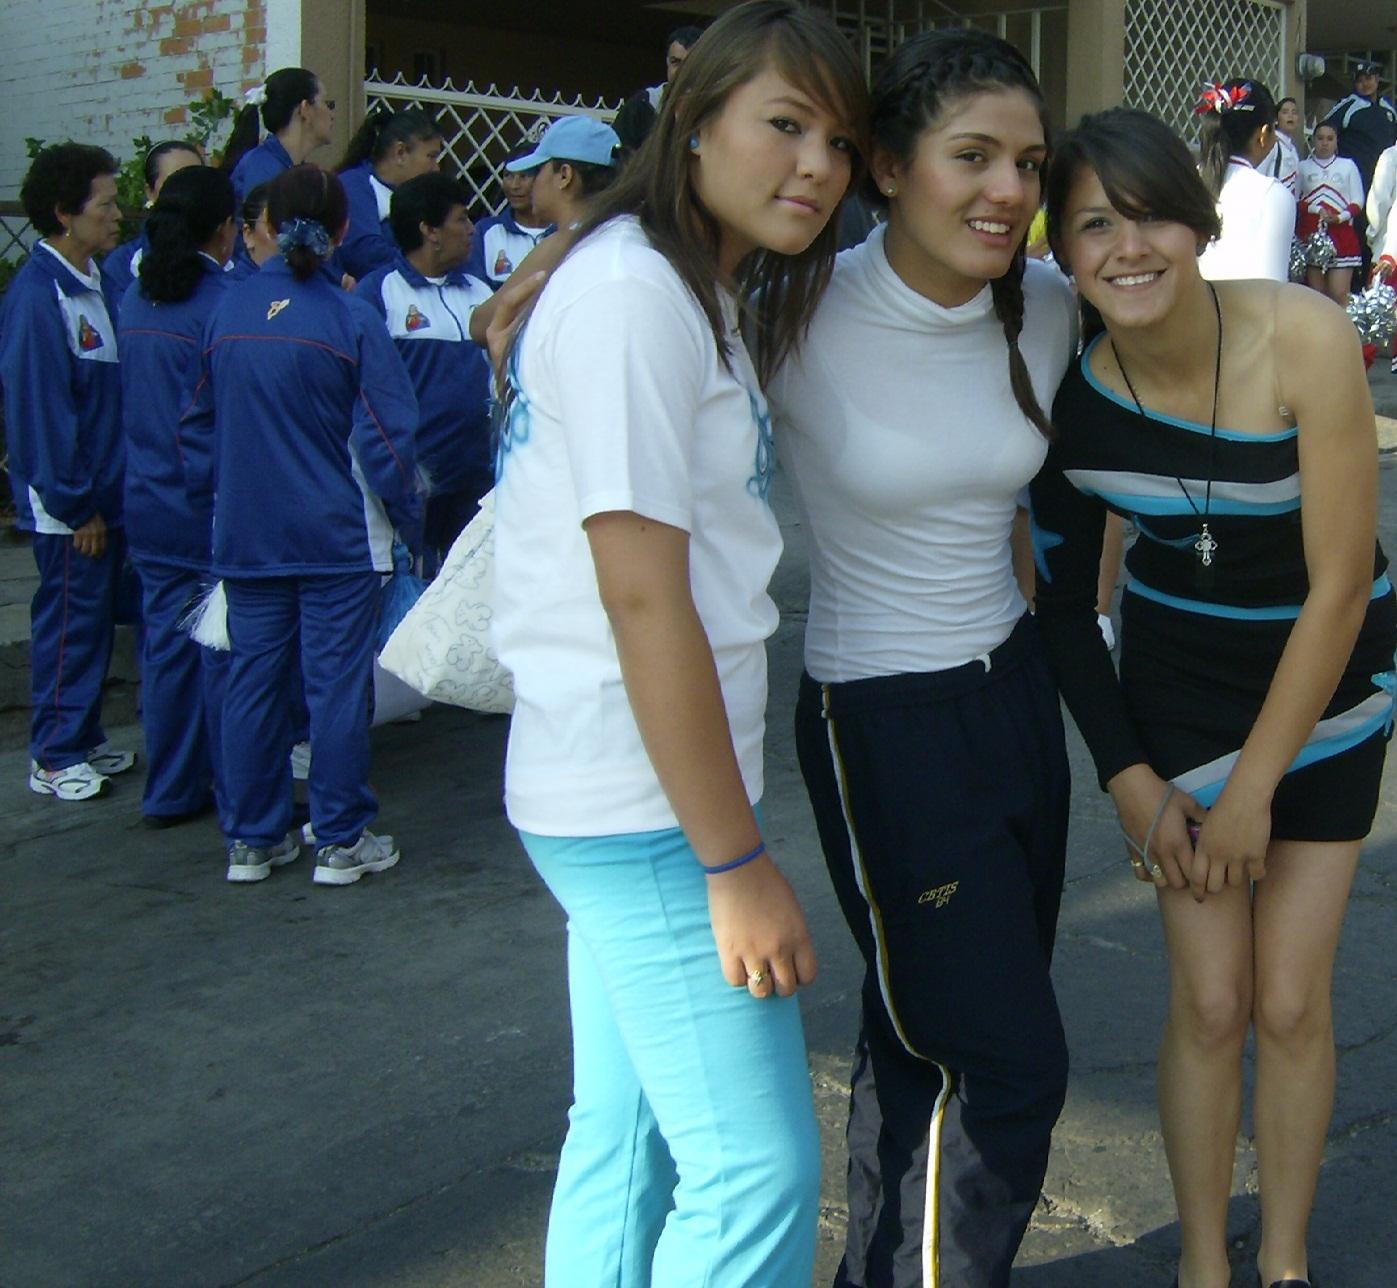 La Piedad. Desfile, 19. Lindas muchachas | Silviano's Weblog